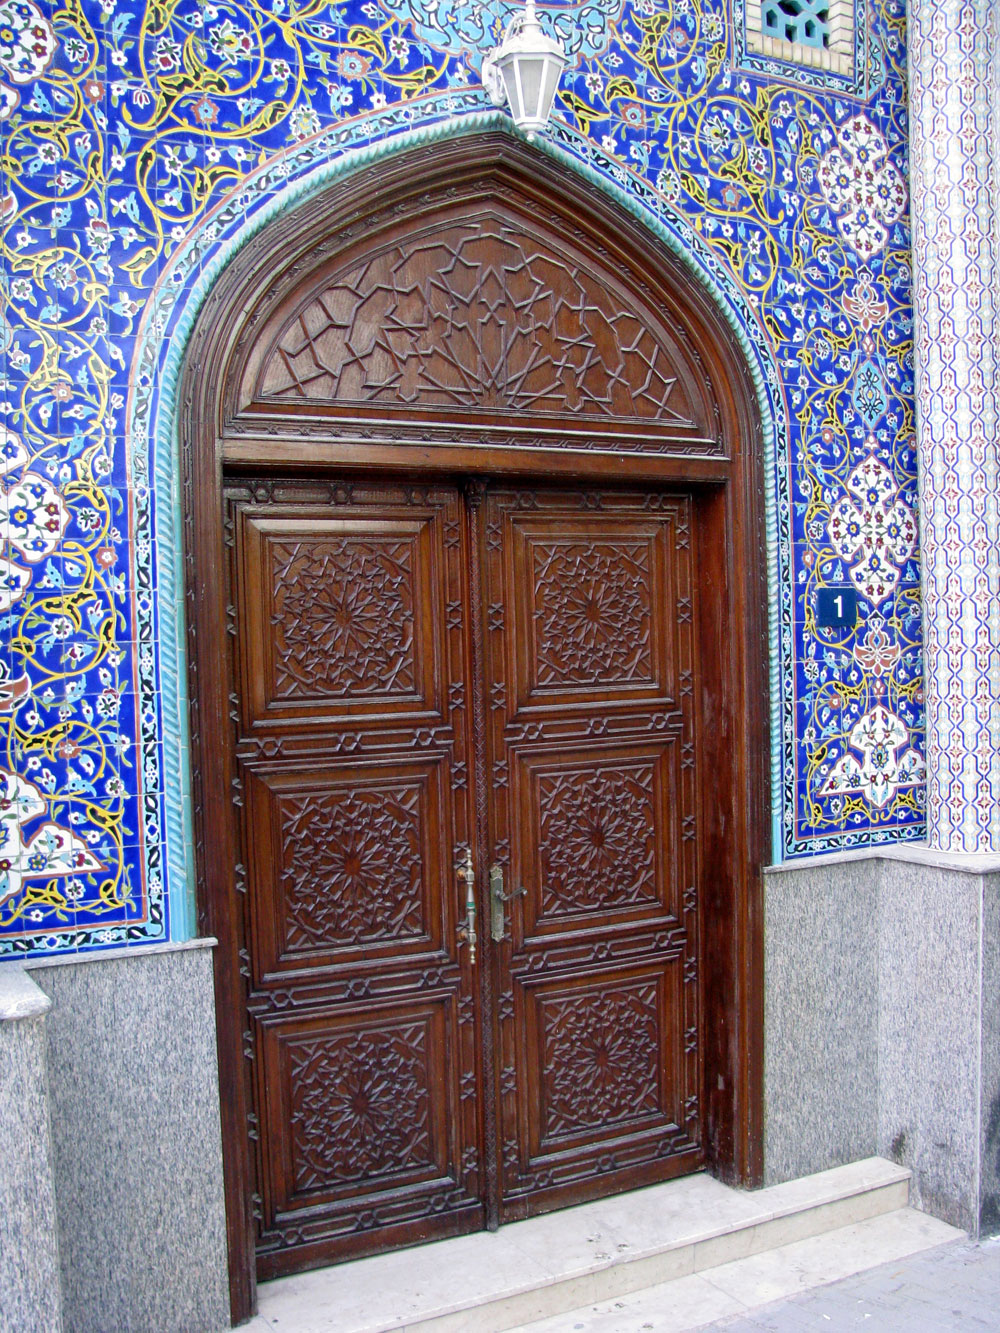 Najupečatljiviji elementi arapskih enterijera su vrata i prozori